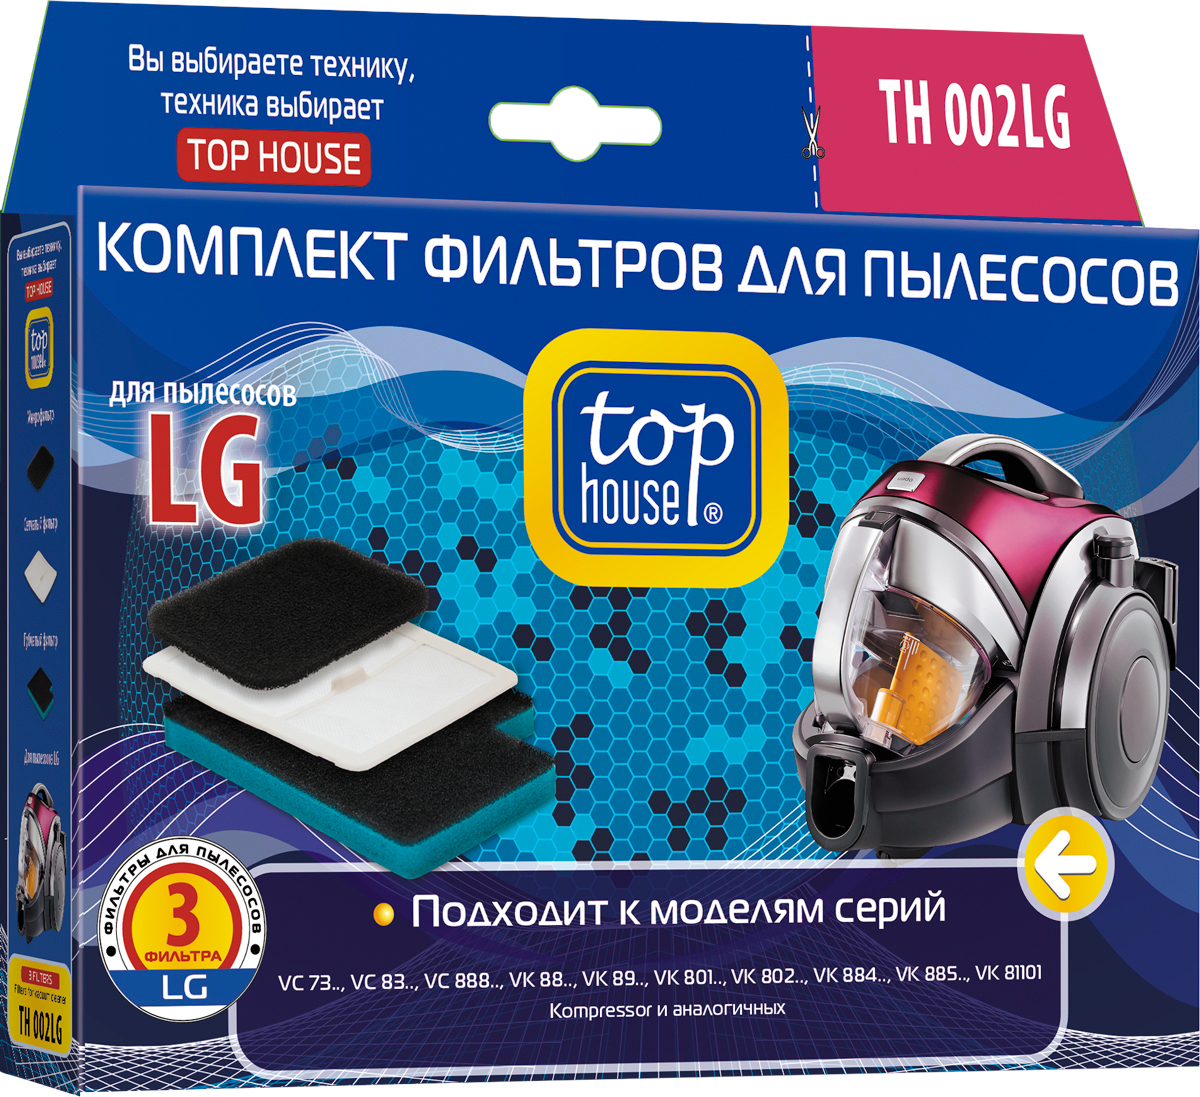 Top House TH 002LG комплект фильтров для пылесосов LG, 3 шт шкаф платяной 2 х дверный uno